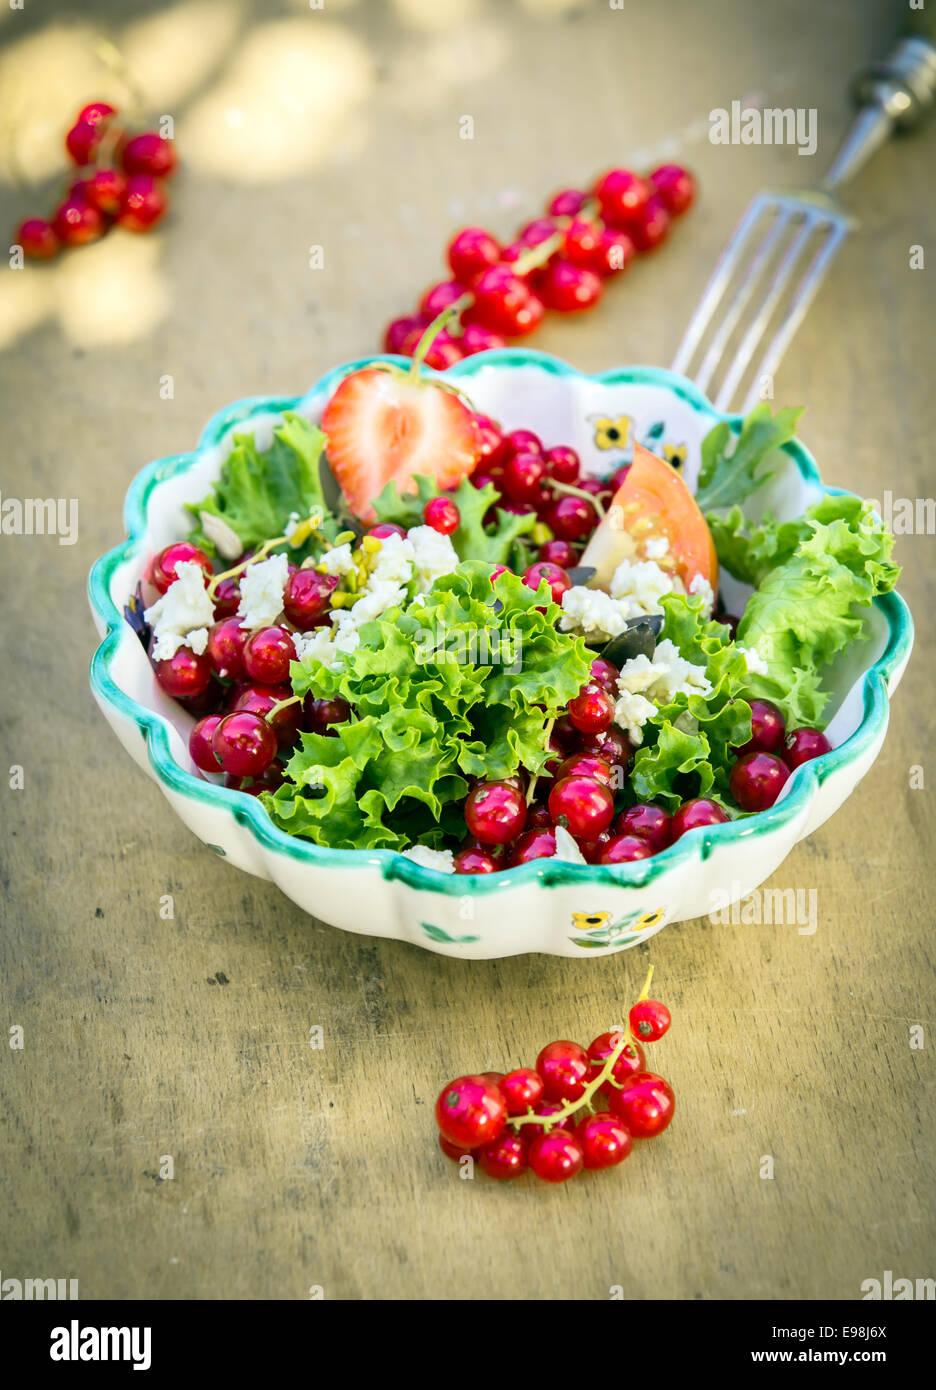 Deliciosa ensalada de verano fresco en un tazón sobre fondo de madera. Bueno para los vegetarianos. Imagen De Stock